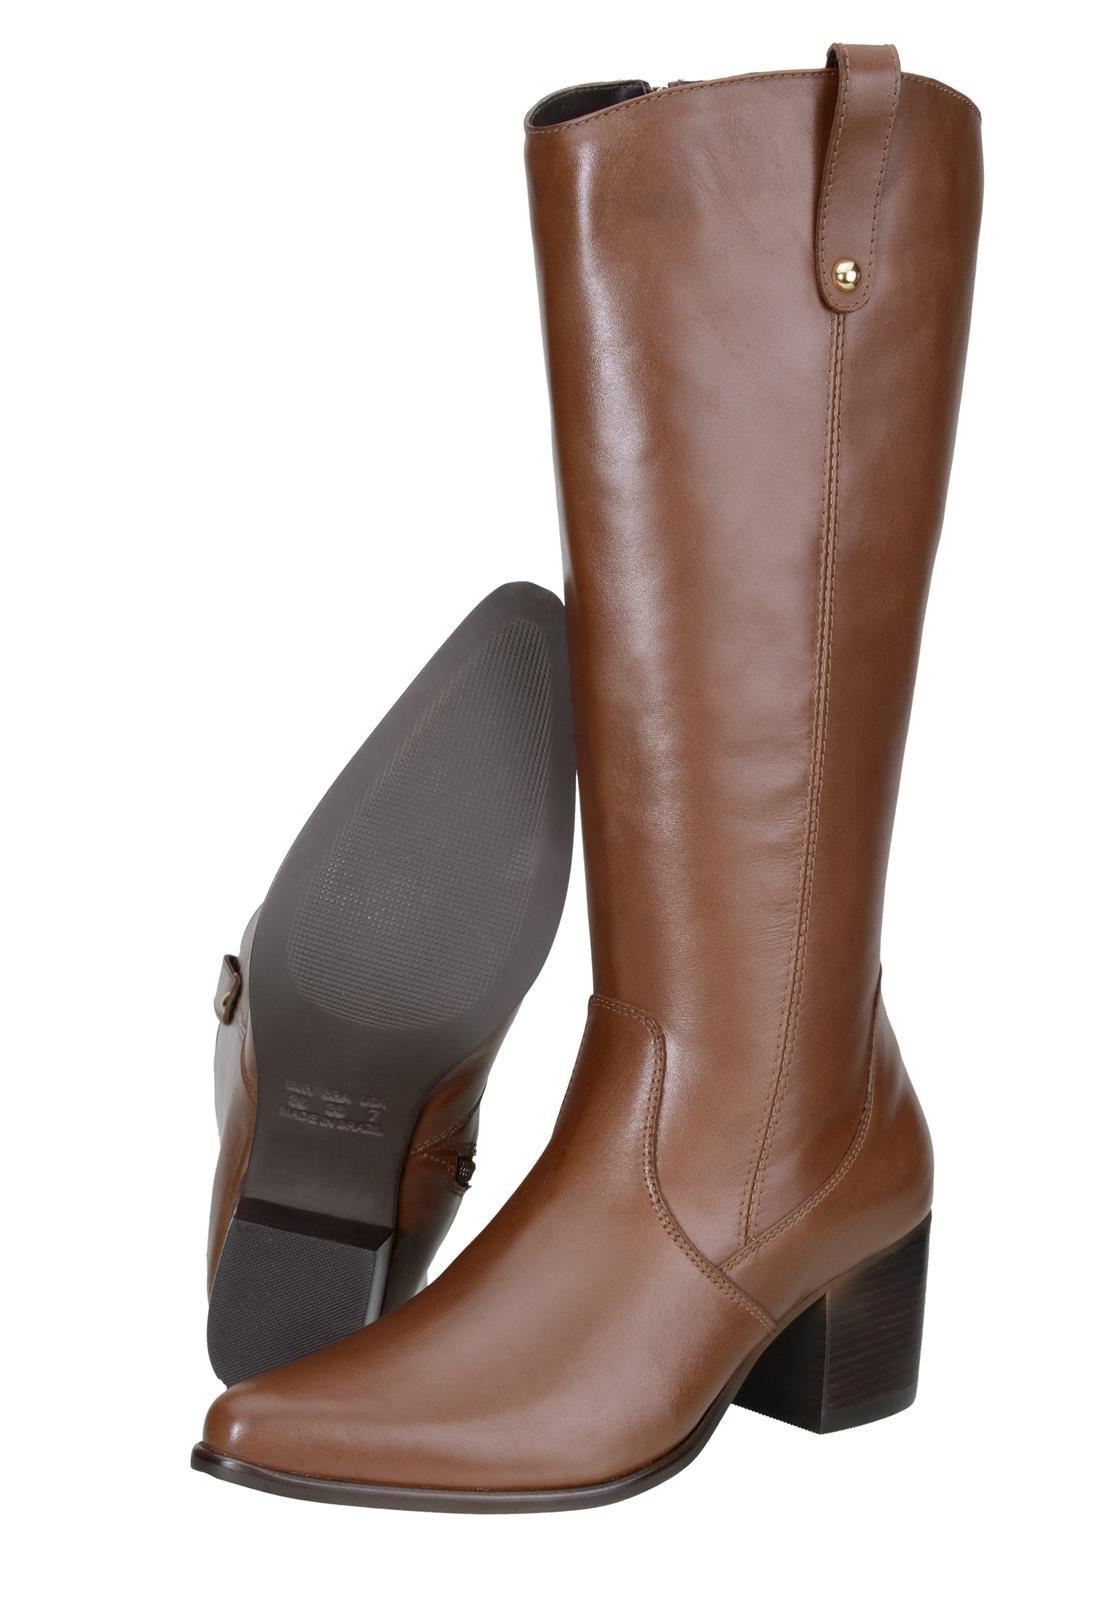 Bota Encinas Leather Montaria 5109 - Cores